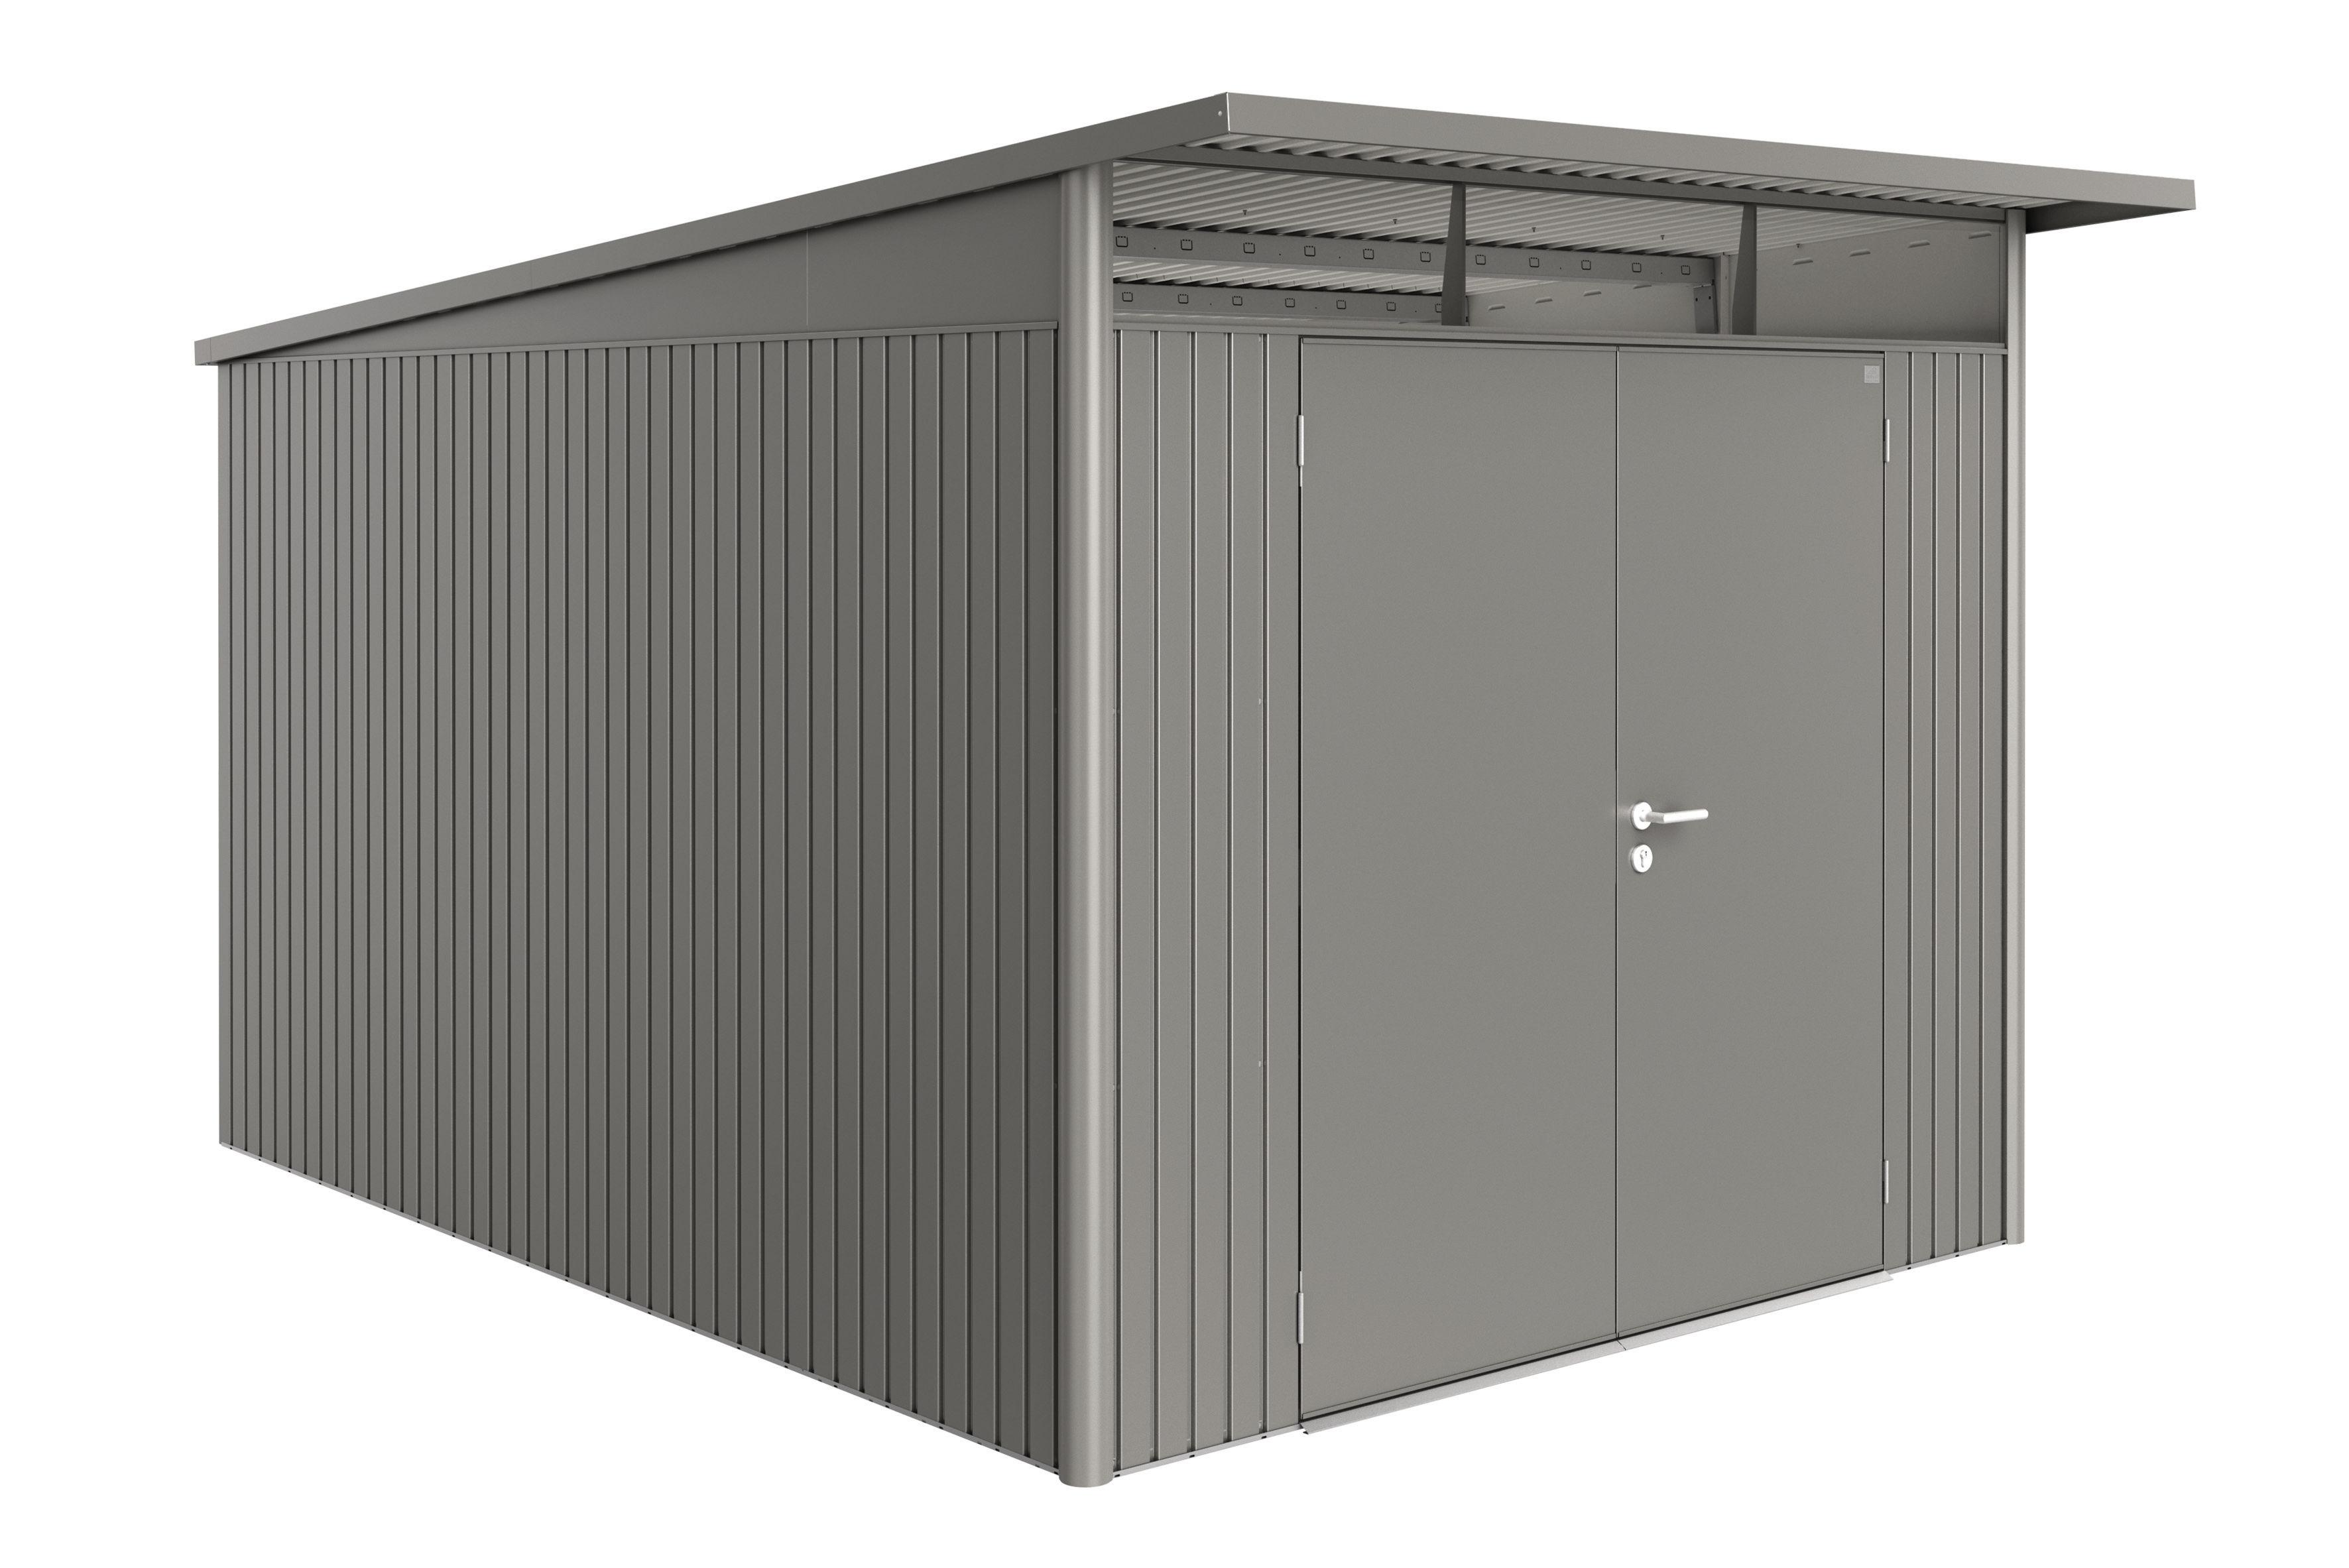 Biohort Zahradní domek AVANTGARDE A8, šedý křemen metalíza